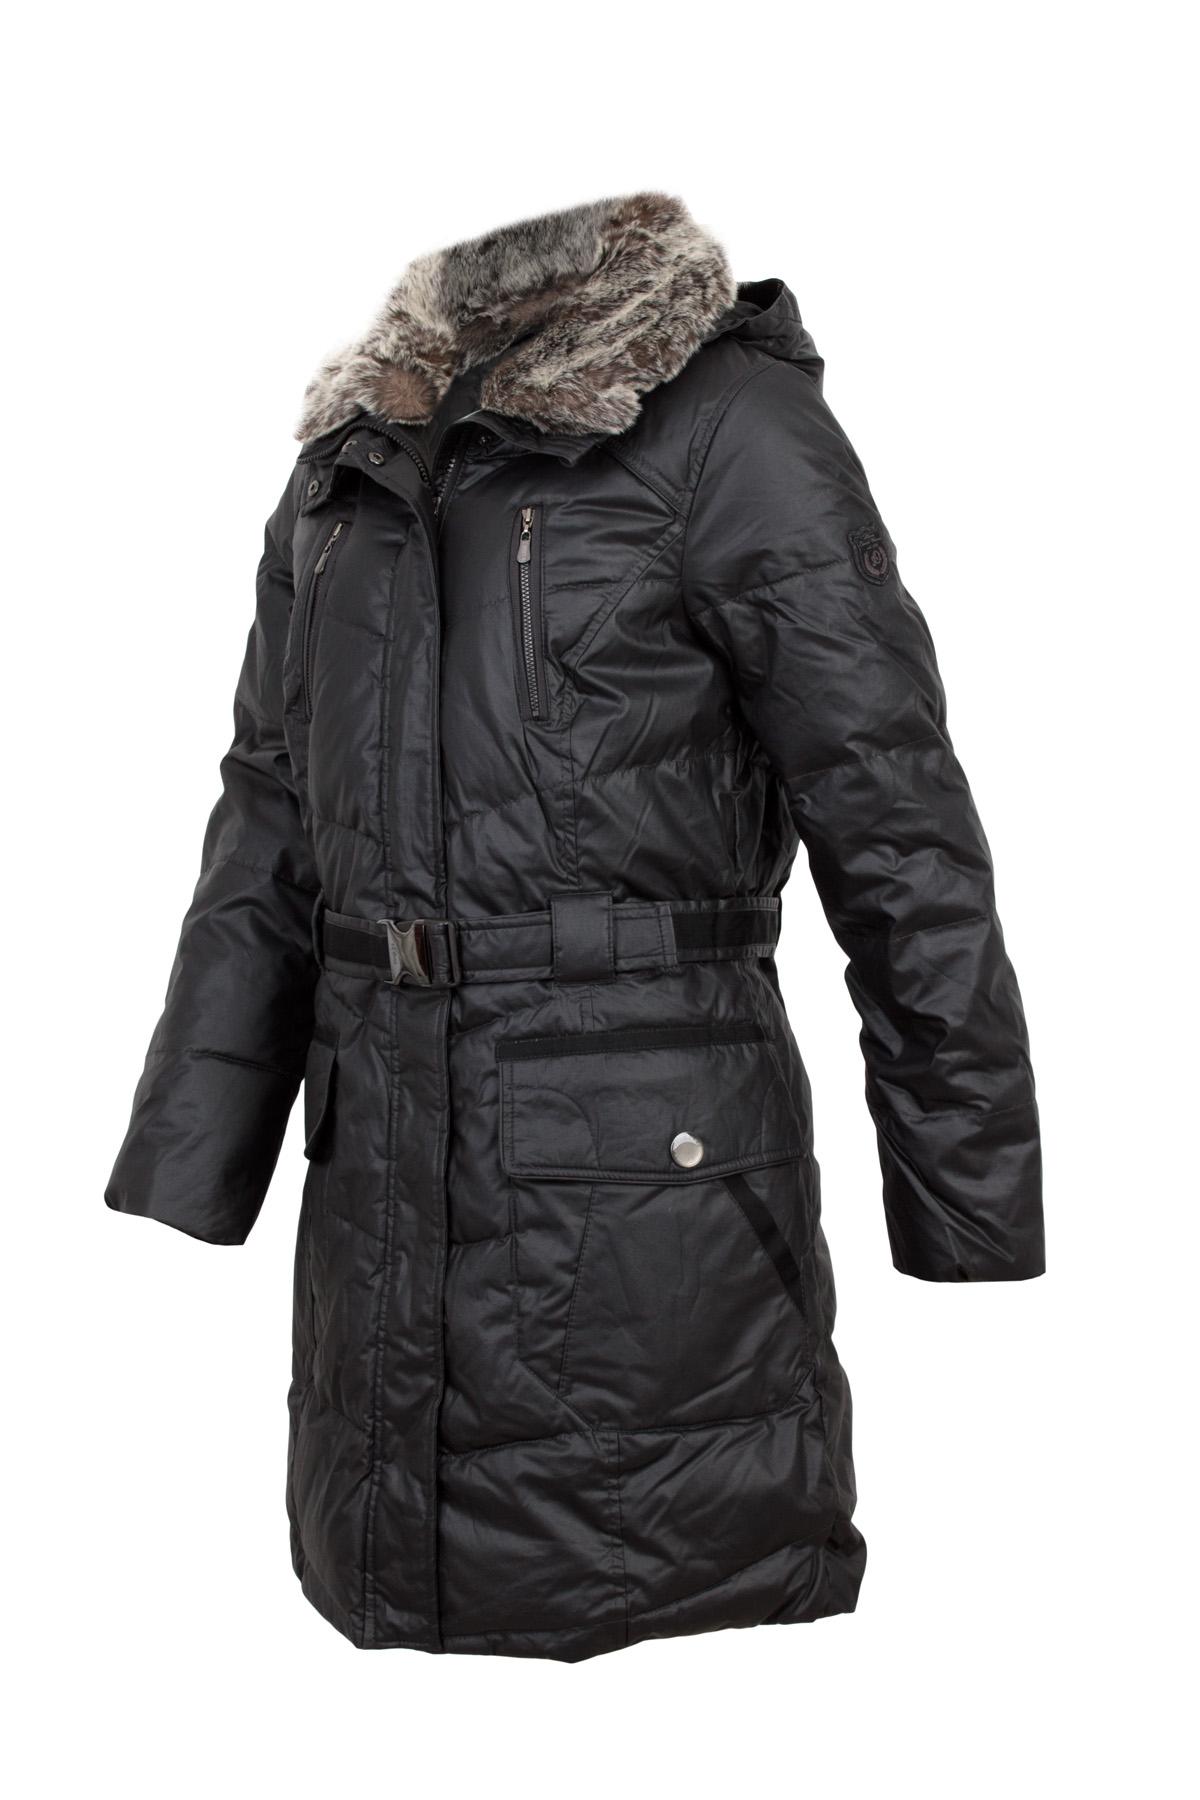 oliver damen wintermantel mantel 3243 uvp 189 95 ebay. Black Bedroom Furniture Sets. Home Design Ideas